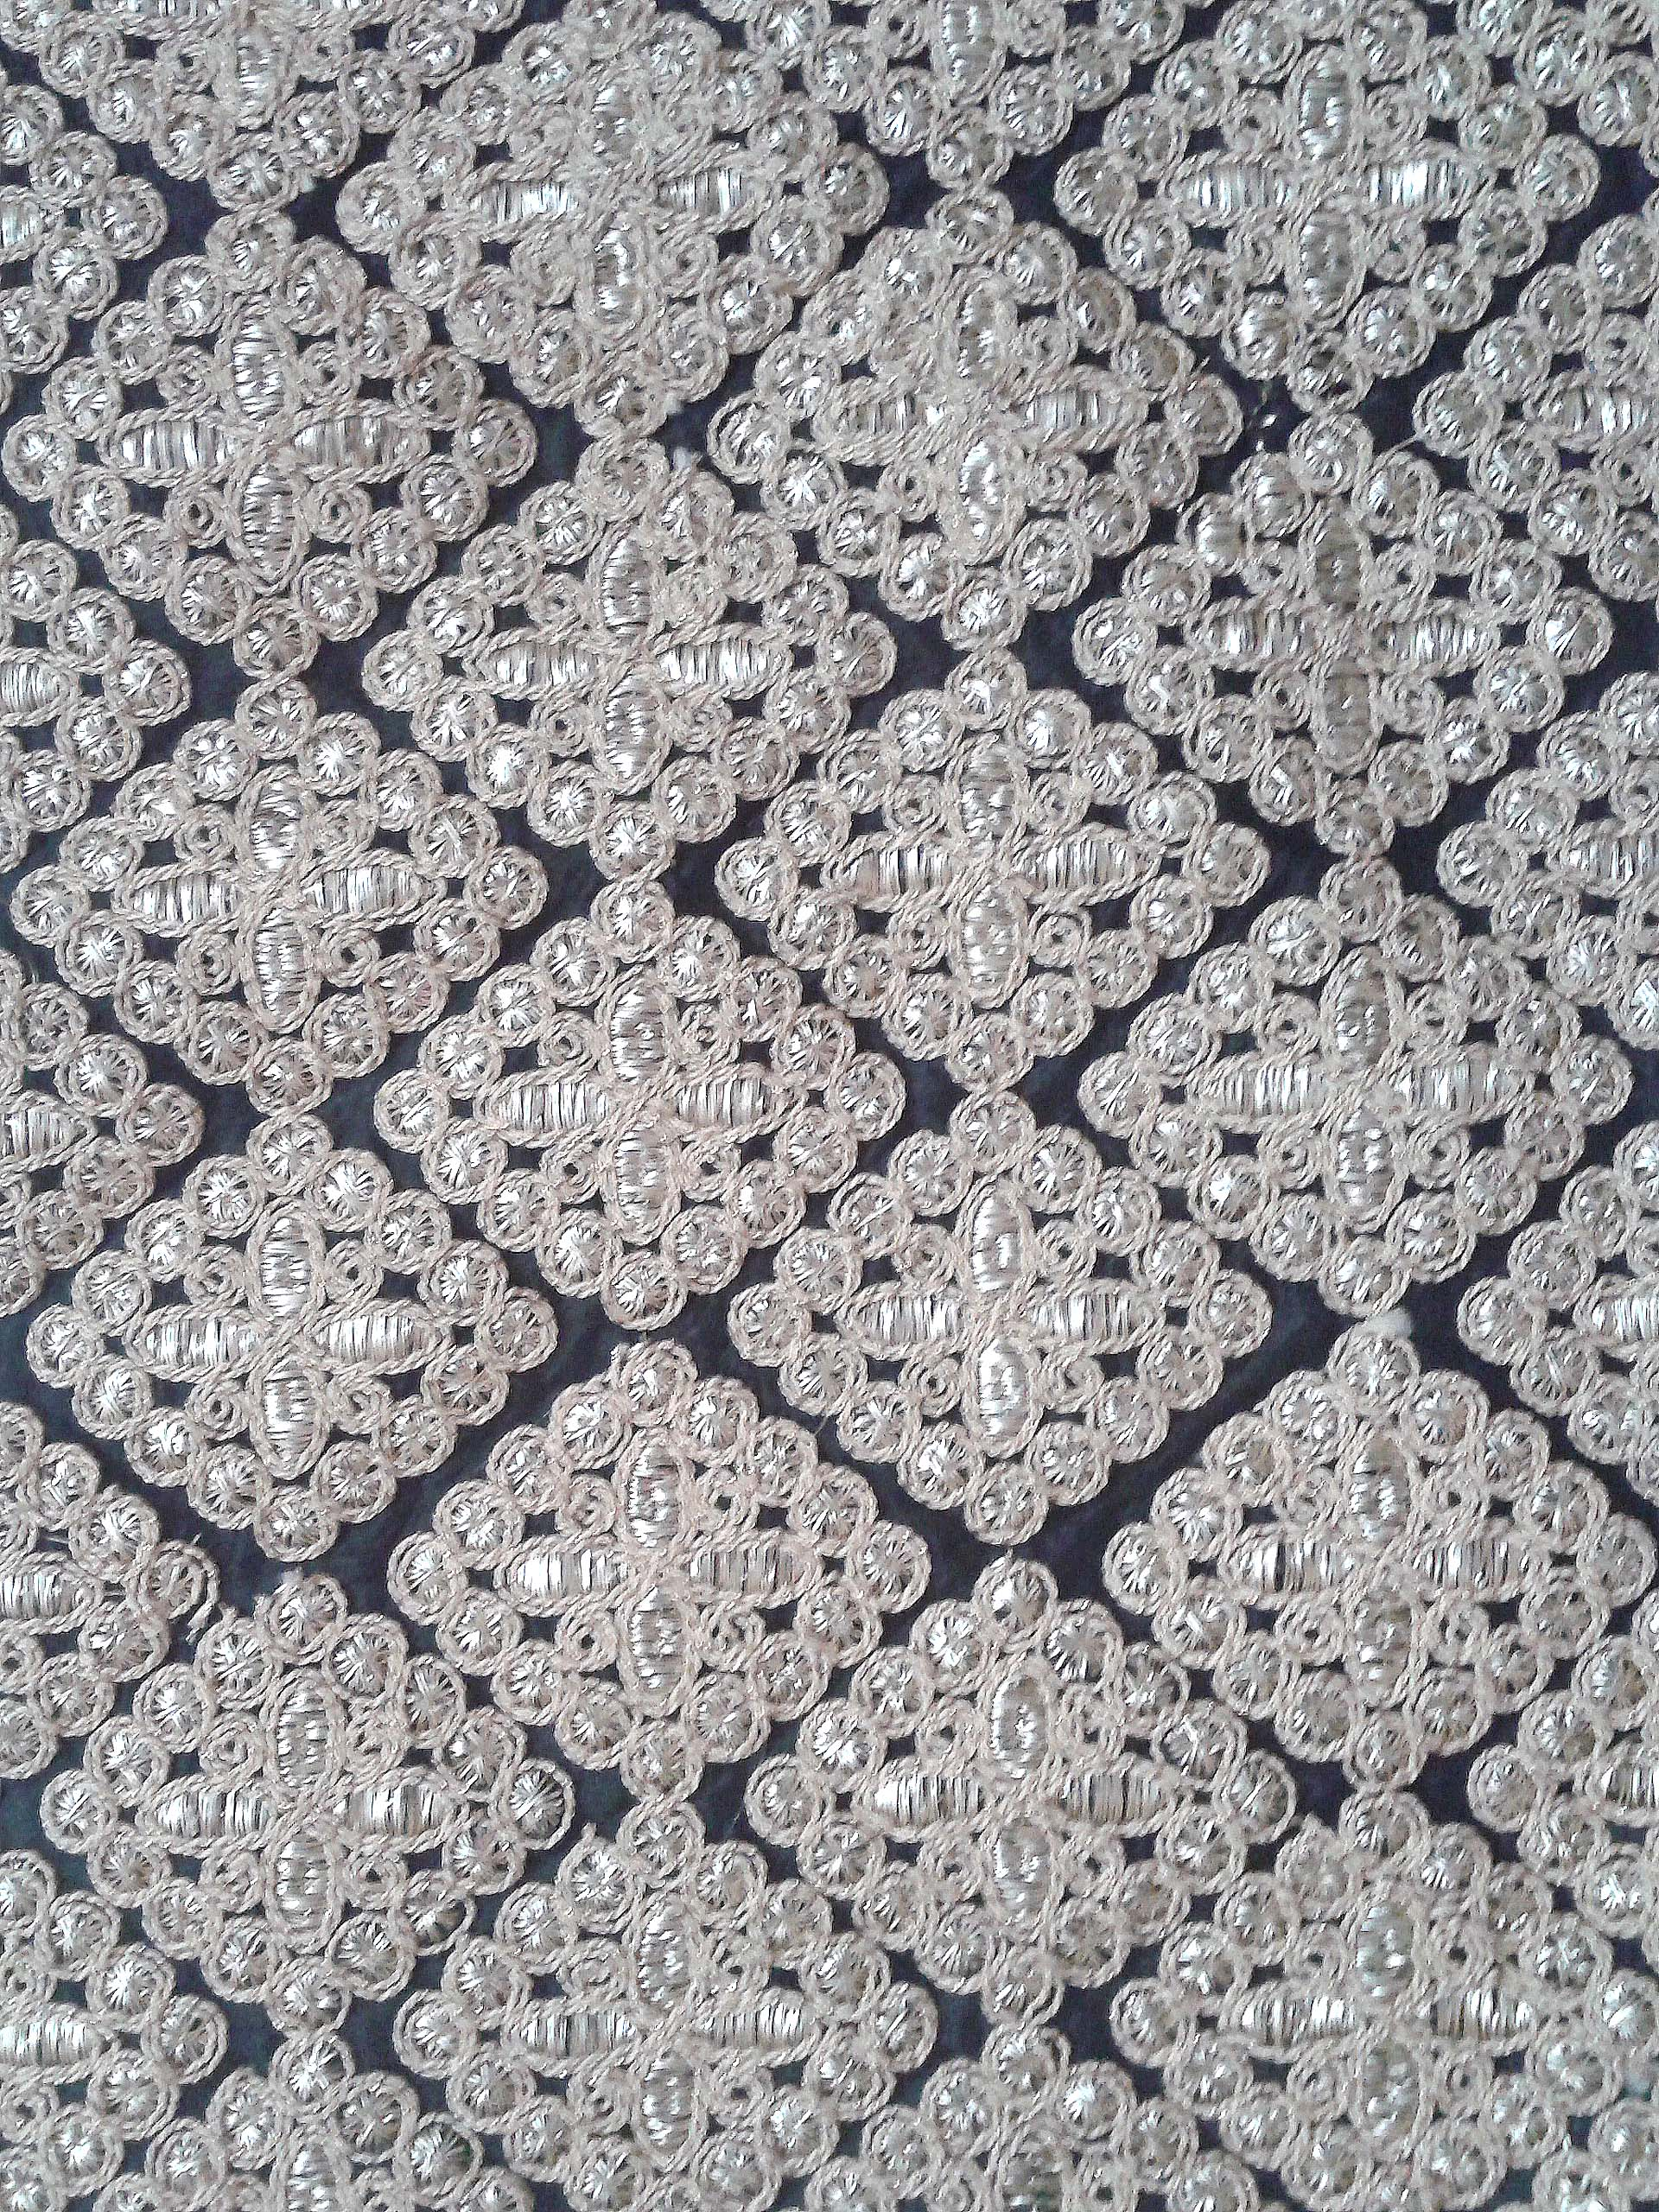 Coding Embroidery Fabric Embroidery Fabric Embroidery Design